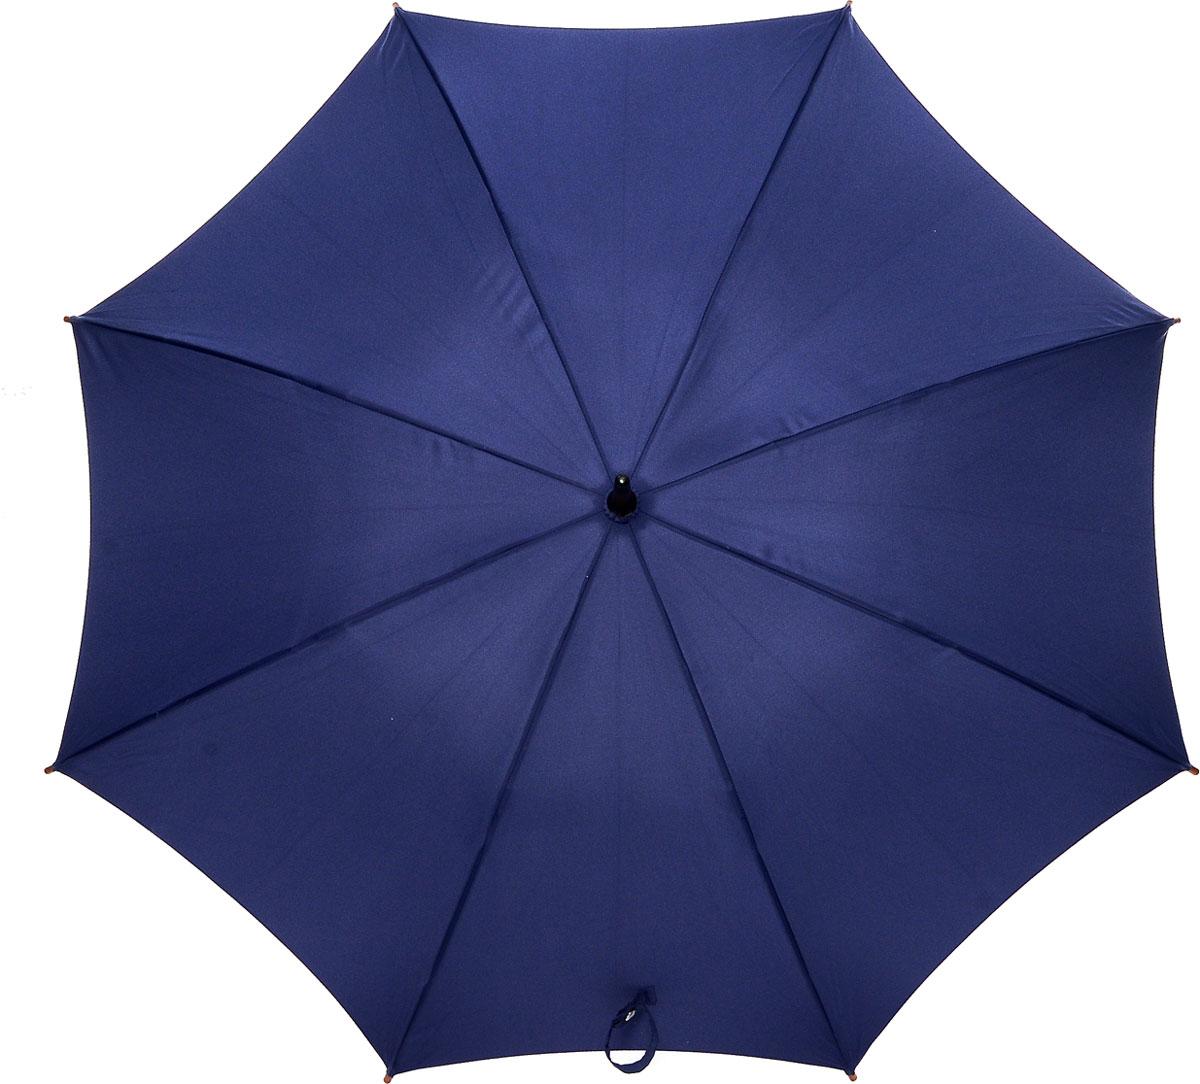 Зонт-трость женский Fulton Kensington, механический, цвет: темно-синий. L776-033K50K502473_0010Модный механический зонт-трость Fulton Kensington даже в ненастную погоду позволит вам оставаться стильной и элегантной. Каркас зонта состоит из 8 спиц и стержня из фибергласса. Купол зонта выполнен из прочного полиэстера. Изделие оснащено удобной рукояткой из дерева.Зонт механического сложения: купол открывается и закрывается вручную до характерного щелчка.Модель закрывается при помощи двух хлястиков на кнопках.Такой зонт не только надежно защитит вас от дождя, но и станет стильным аксессуаром, который идеально подчеркнет ваш неповторимый образ.